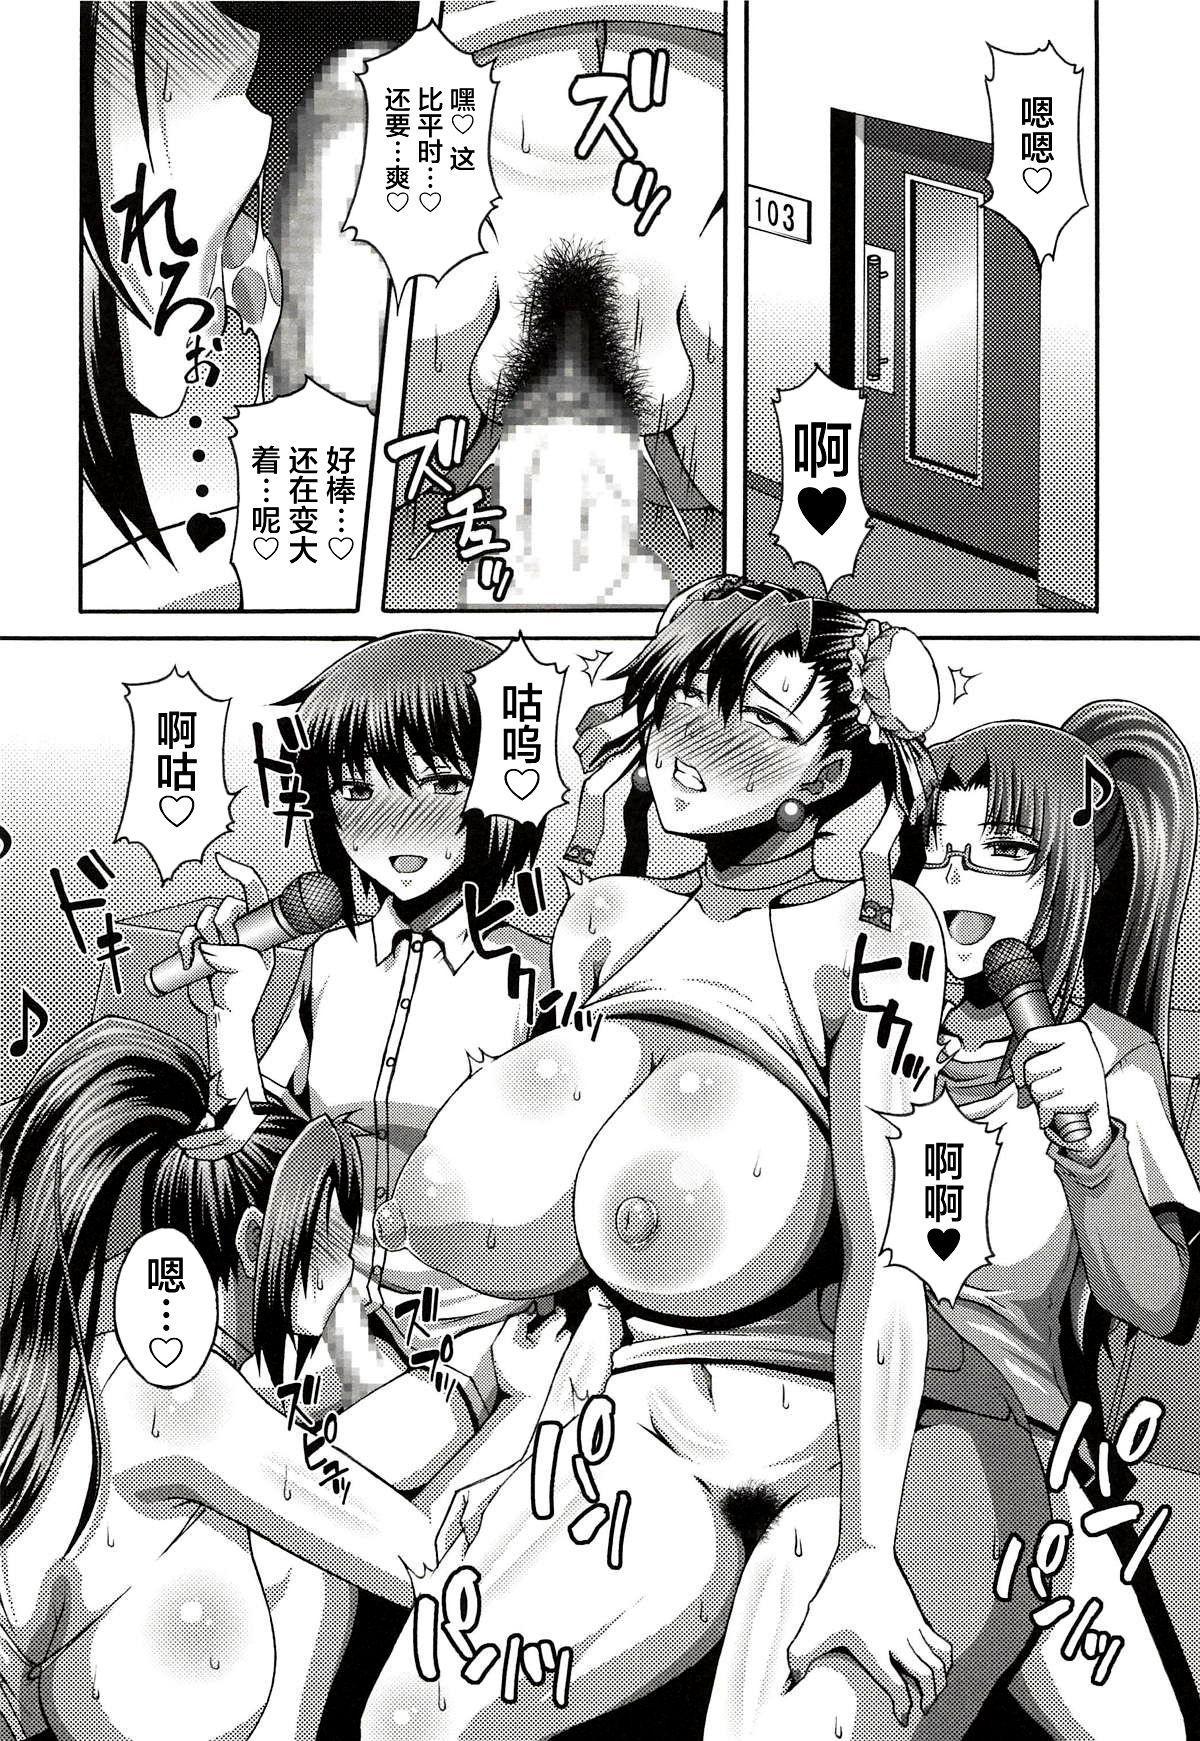 Nipponichi no Mesubuta to Masegaki 16